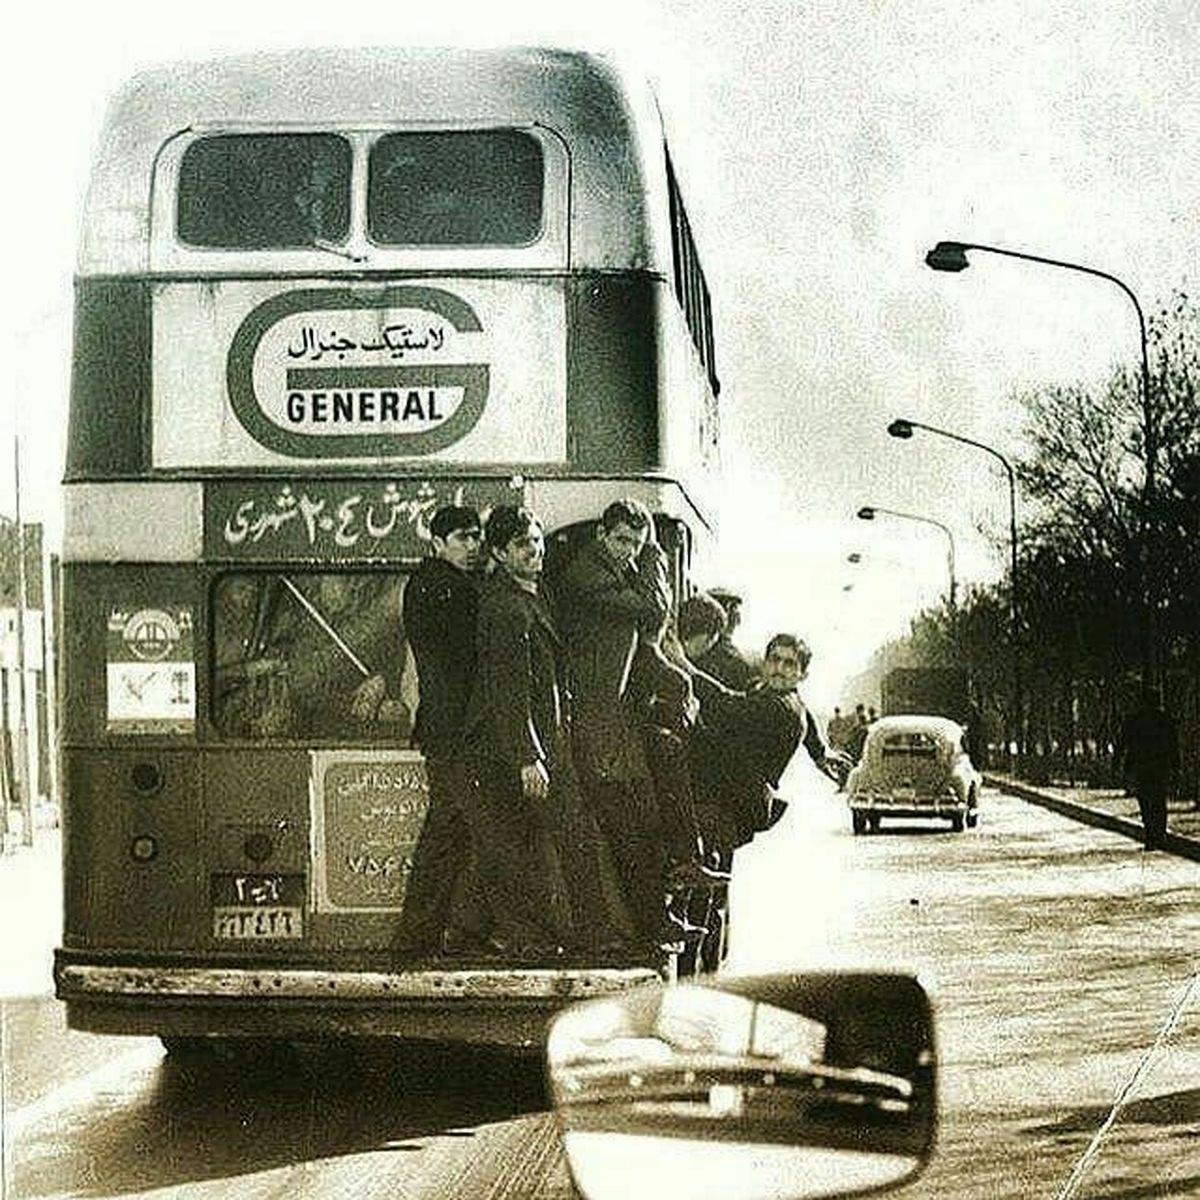 سوار شدن عجیب در اتوبوس در شهرری +عکس